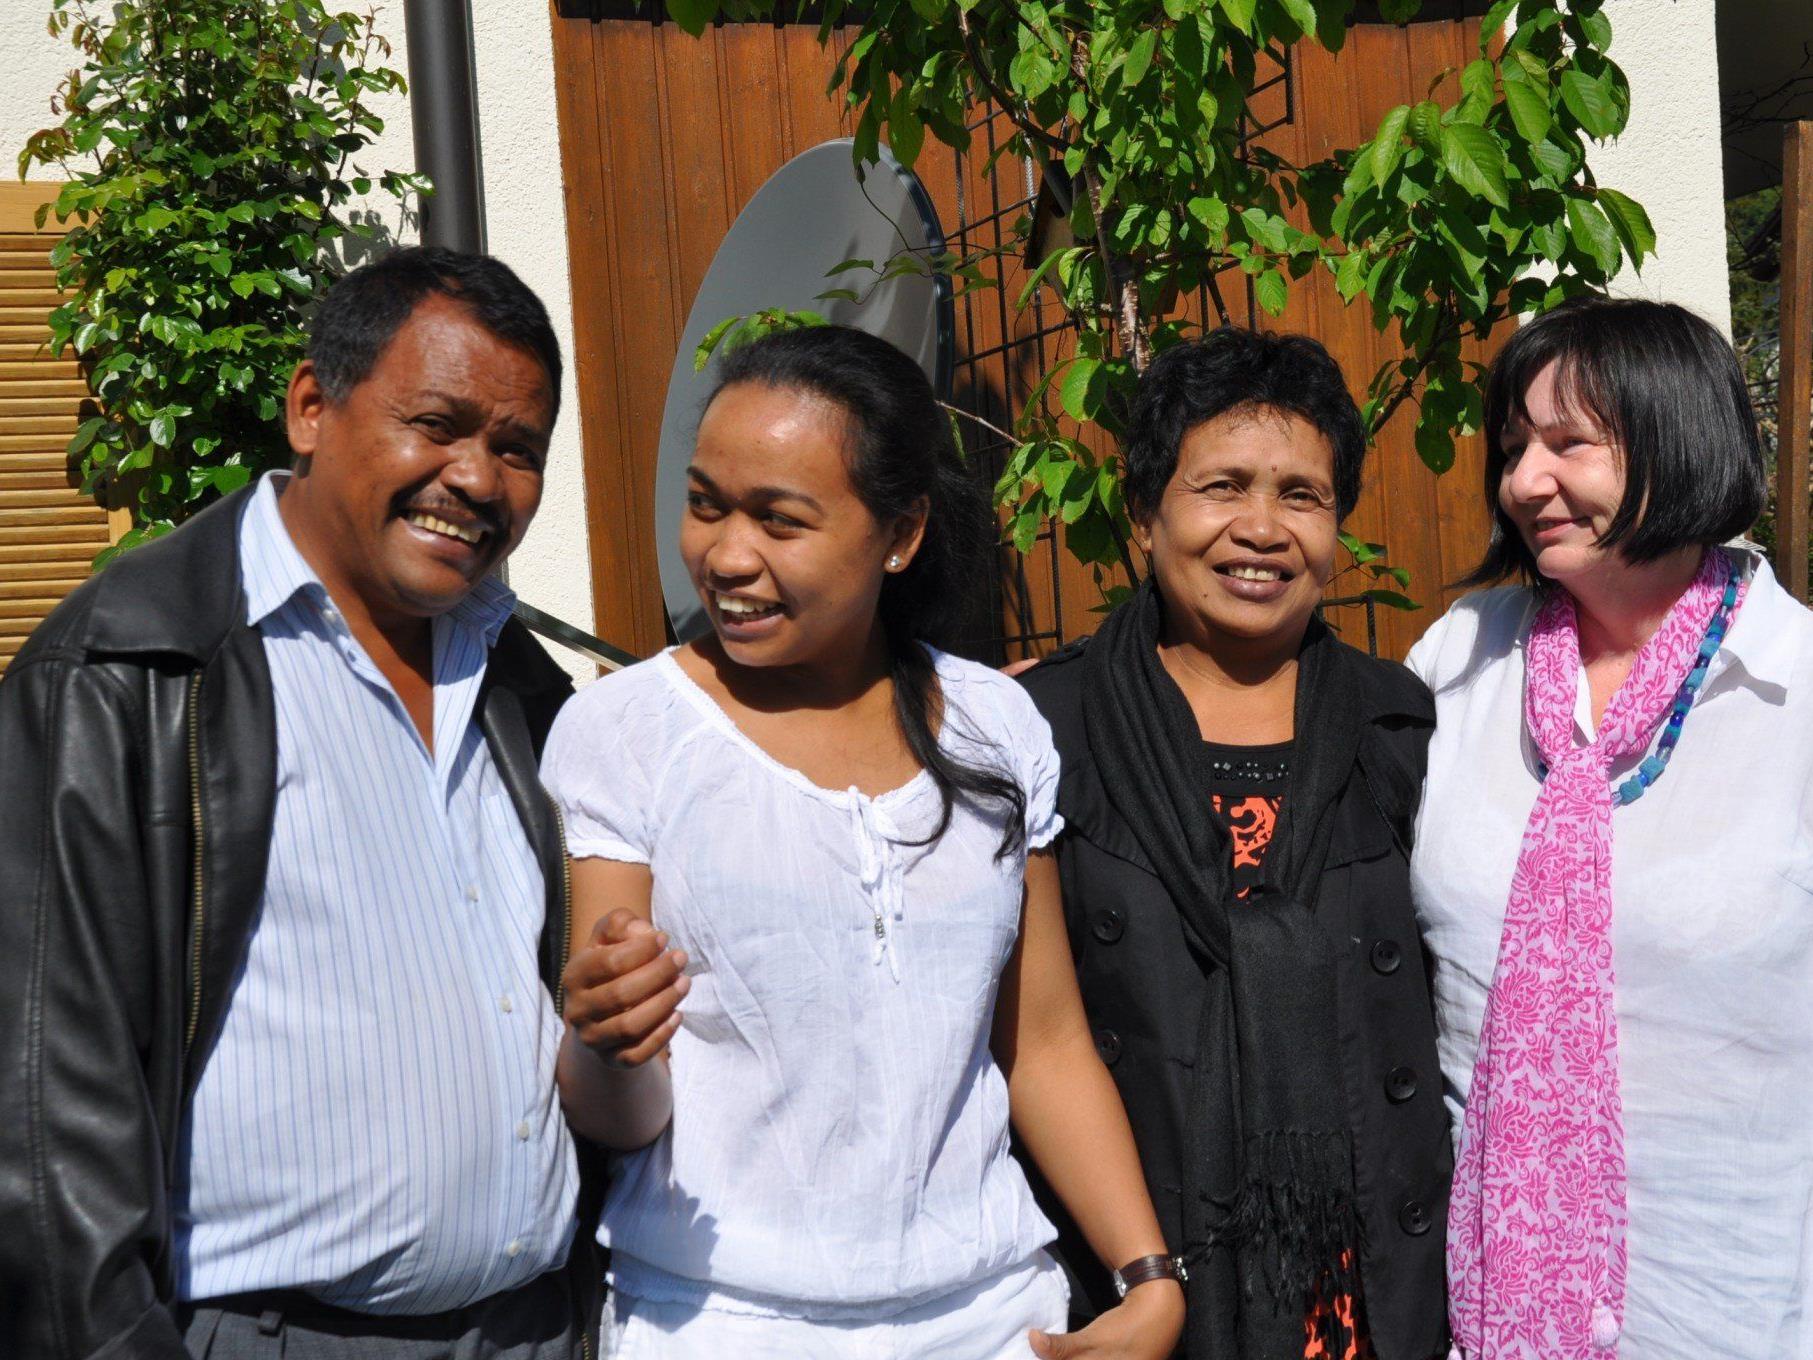 v.li.: Vater, Fenon, Mutter und Brigitte Kosta